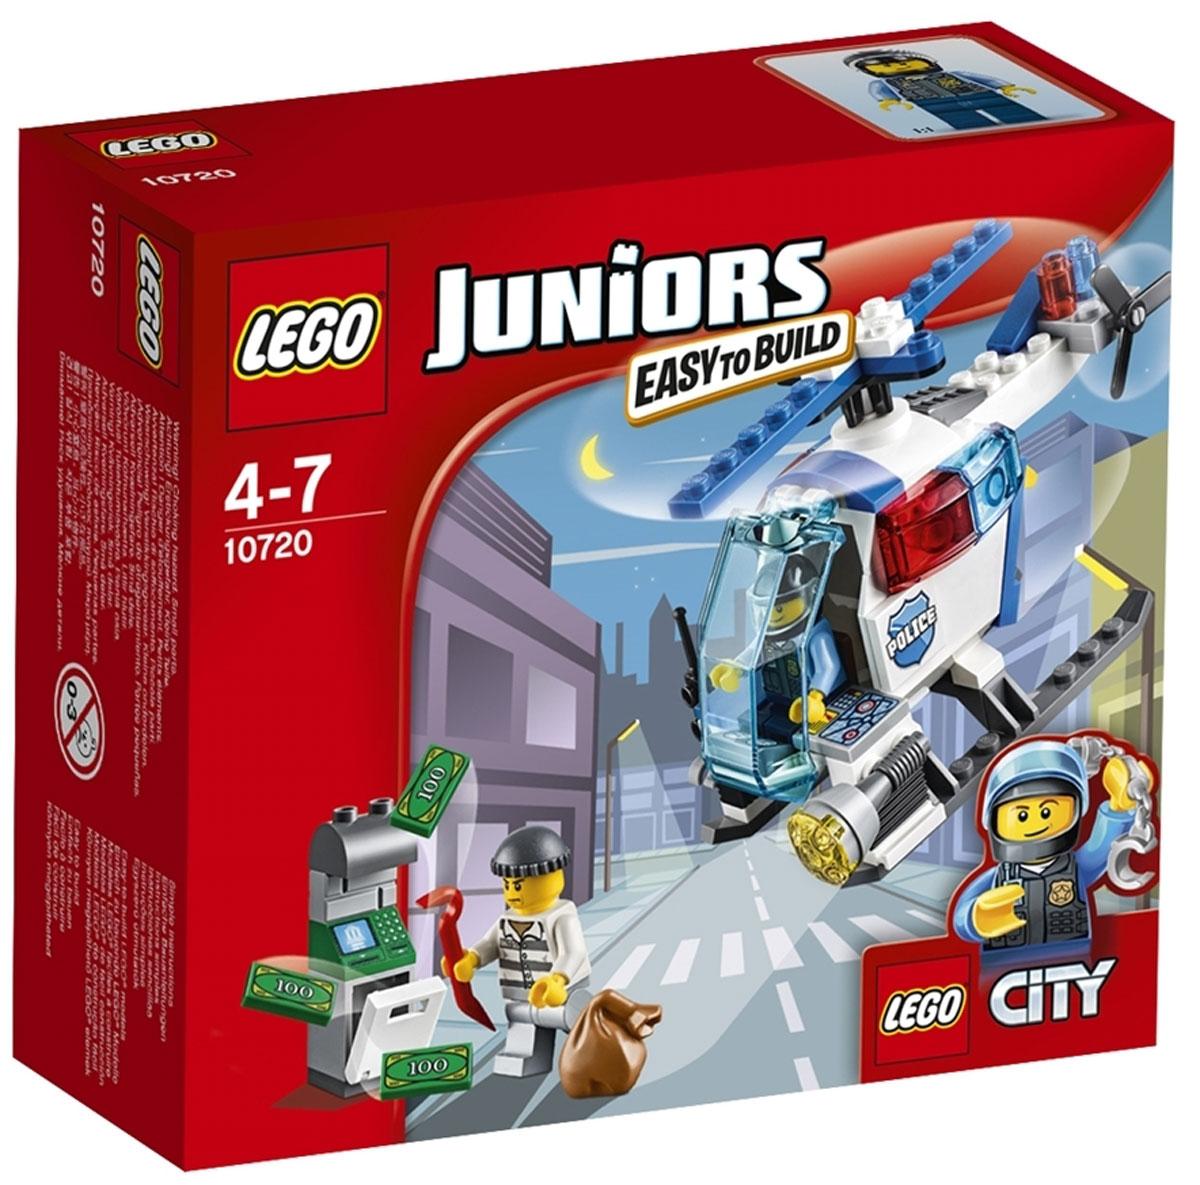 LEGO Juniors Конструктор Погоня на полицейском вертолете 10720 конструктор lego juniors погоня на полицейском вертолёте 10720